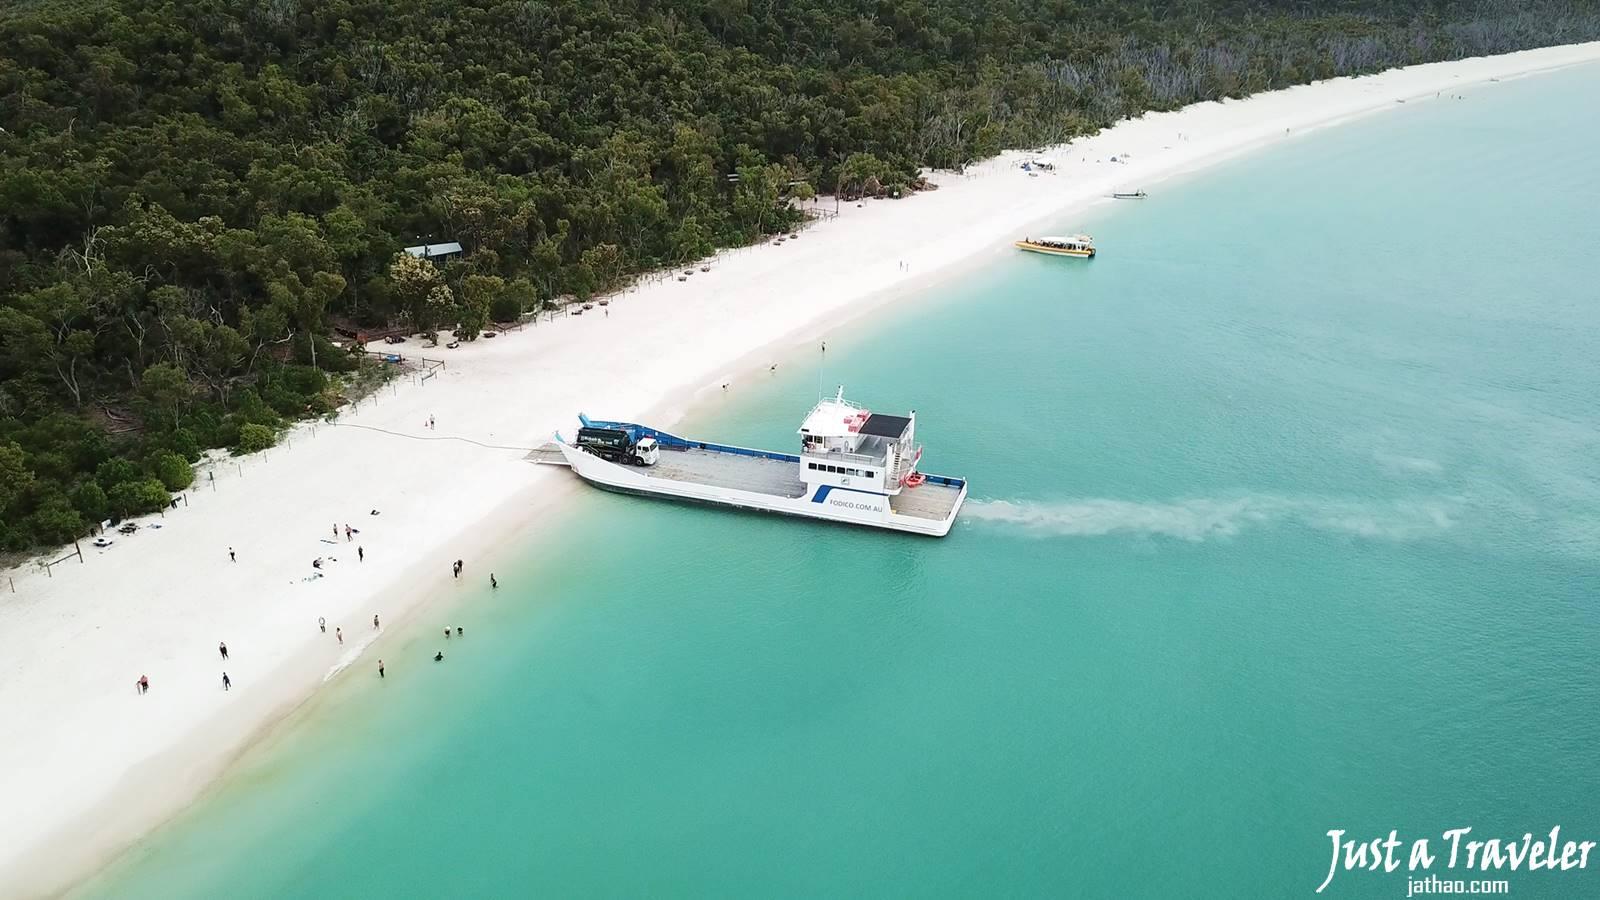 澳洲-聖靈群島-白天堂沙灘-白天堂海灘-景點-推薦-攻略-交通-自由行-遊記-必玩-必去-必遊-行程-一日遊-半日遊-Whitsundays-Whitehaven-Beach-天氣-旅遊